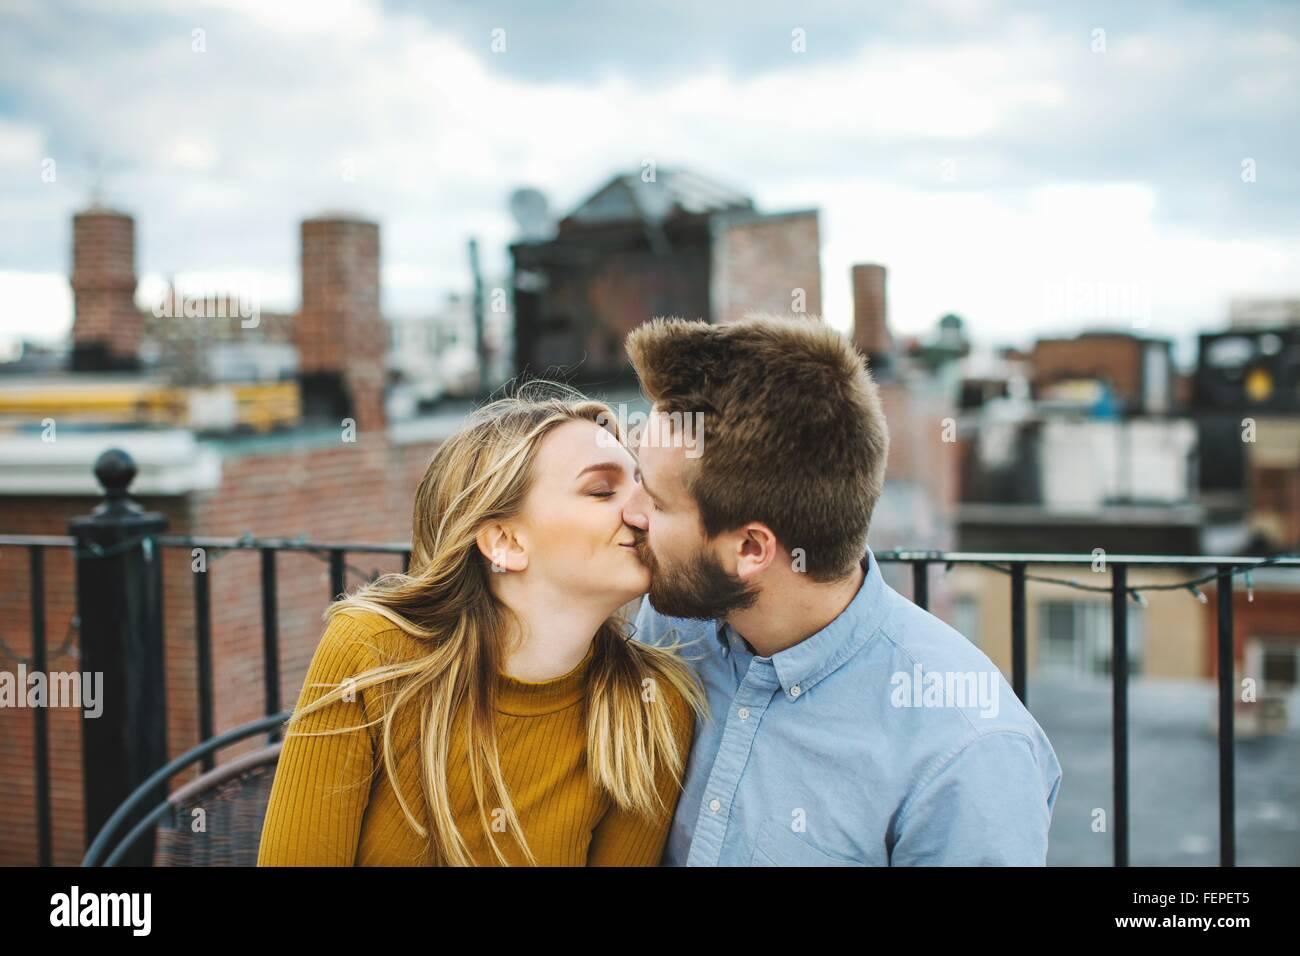 Romantische junge Paar küssen auf Stadt-Dachterrasse Stockbild